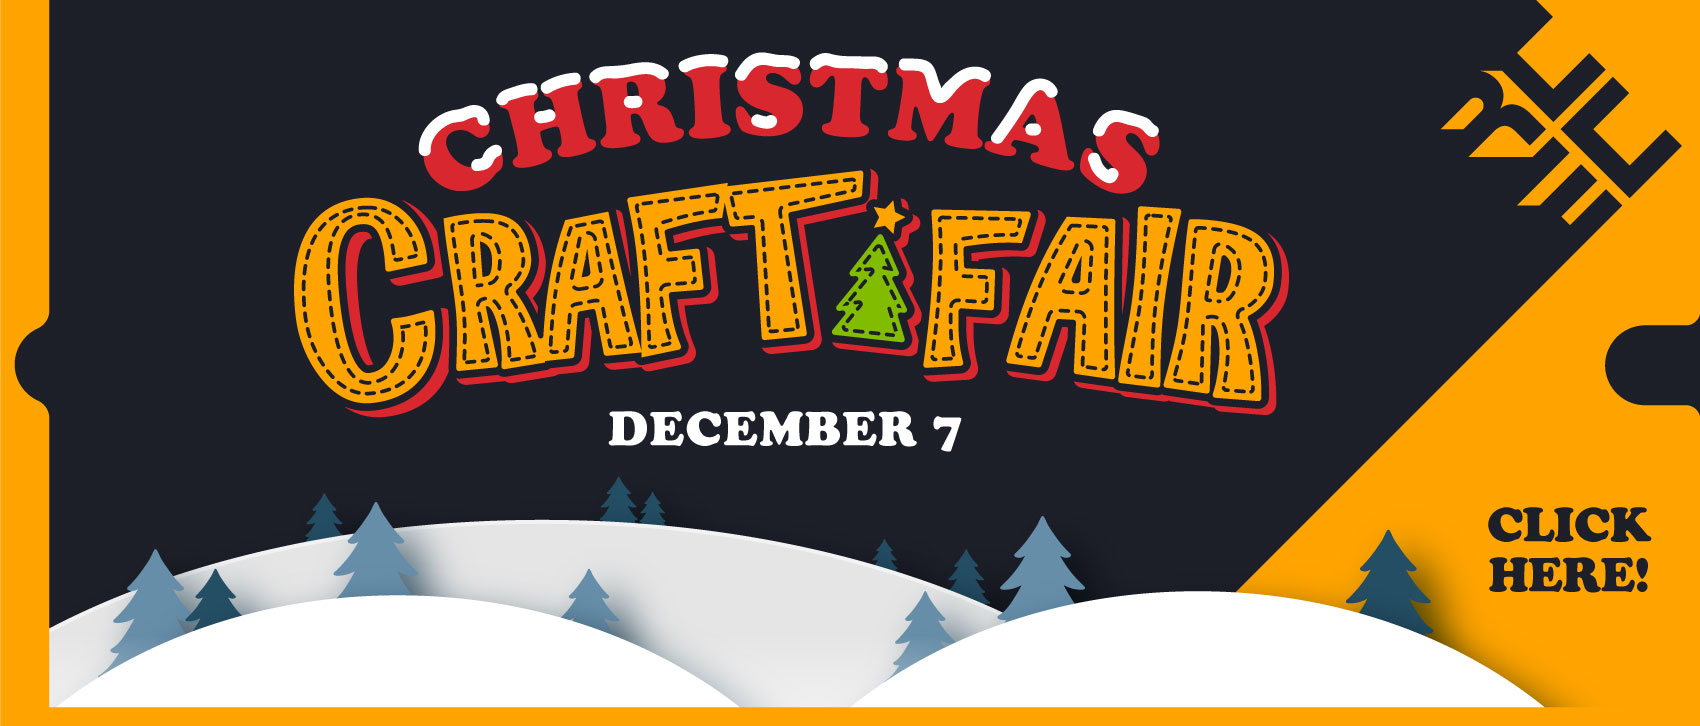 Christmas-Craft-Fair-2019-SLIDERv2